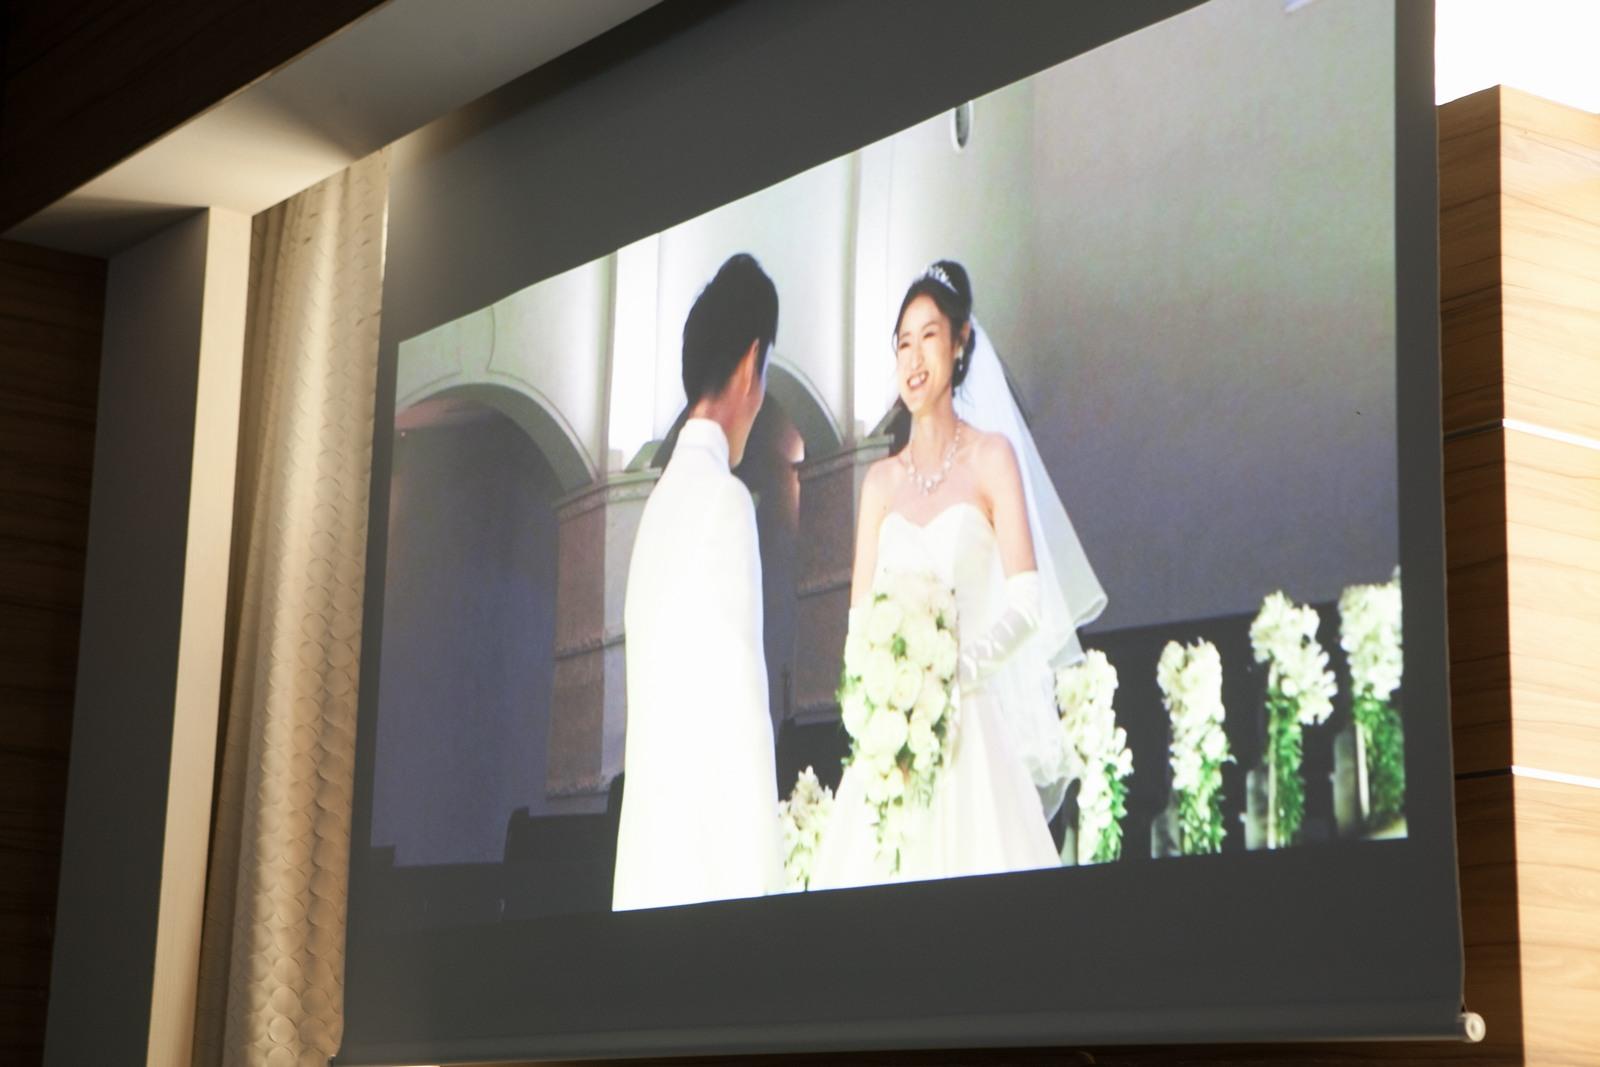 香川県の結婚式場シェルエメール&アイスタイルのエンドロールムービー